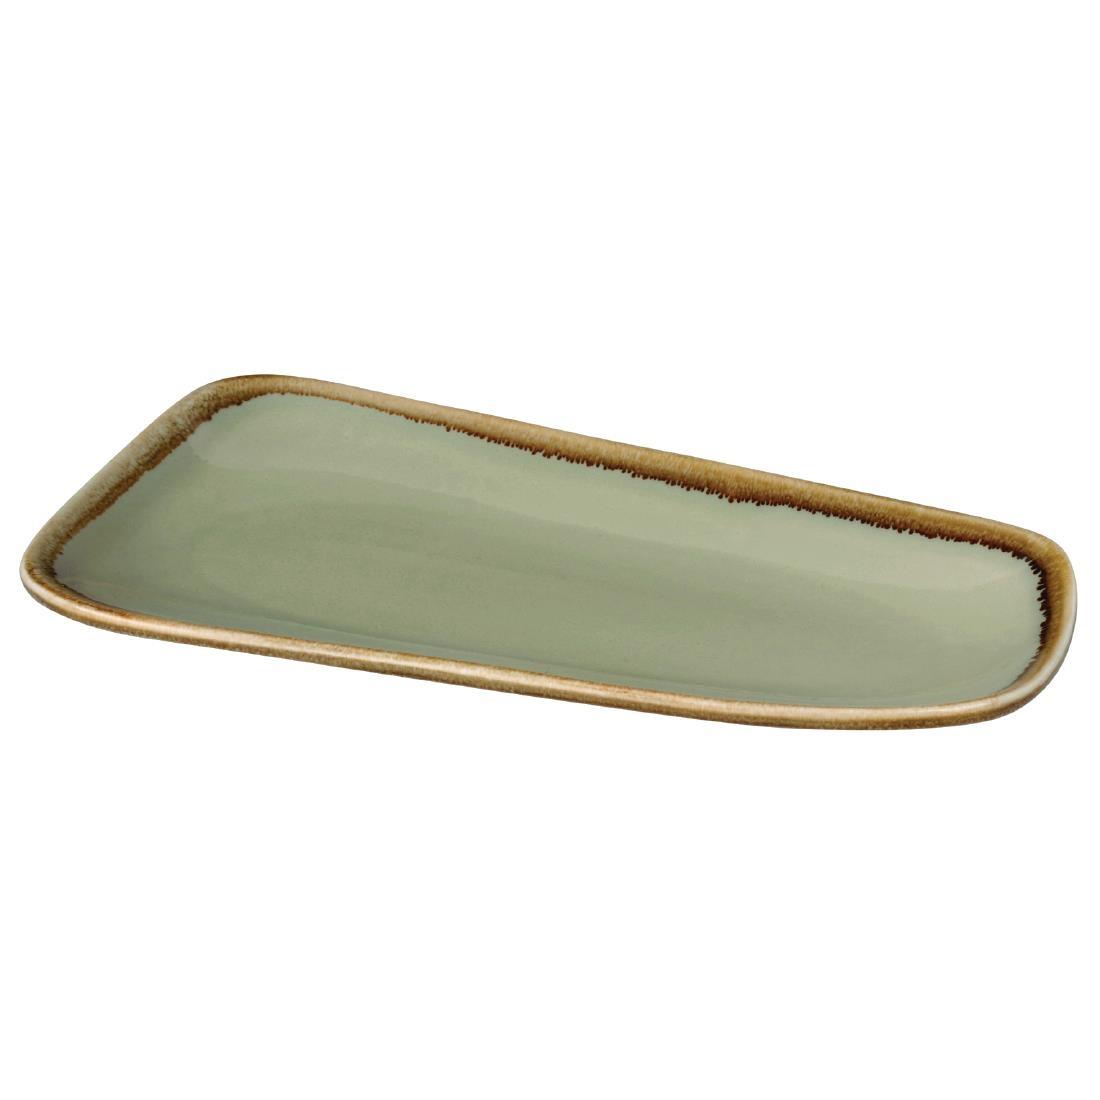 Platter - Moss